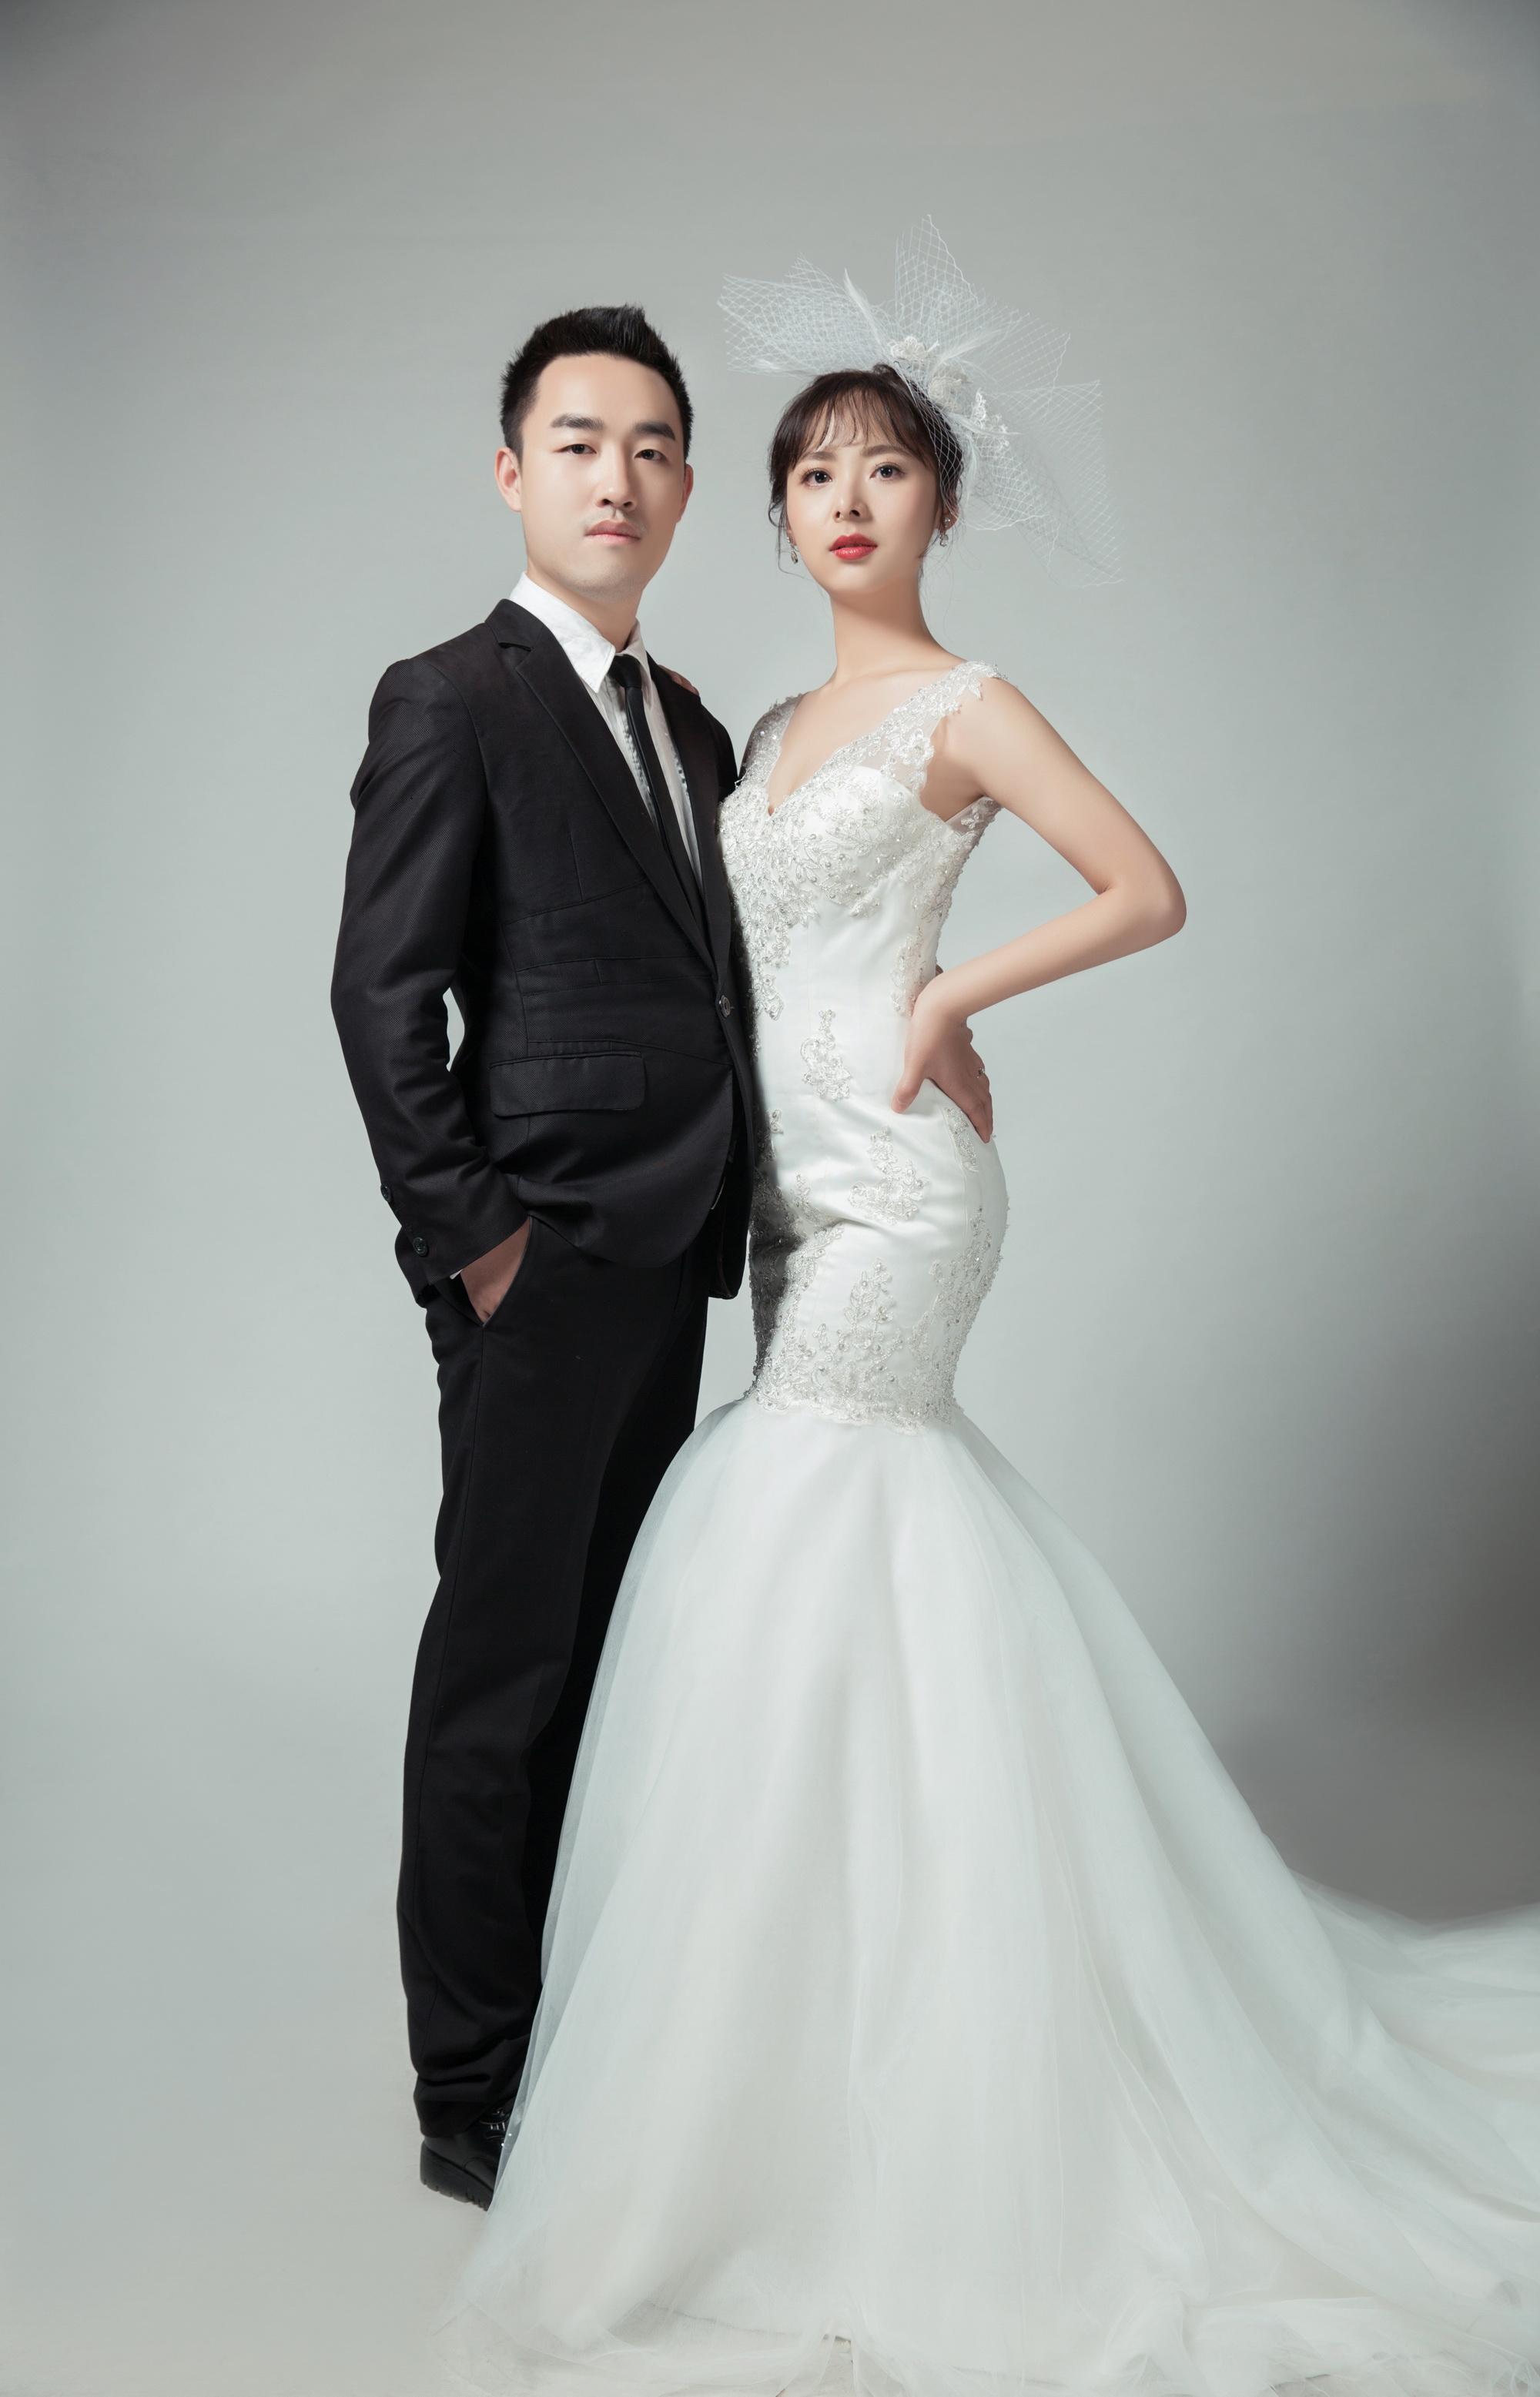 宁波韩式婚纱照风格--宁波客照